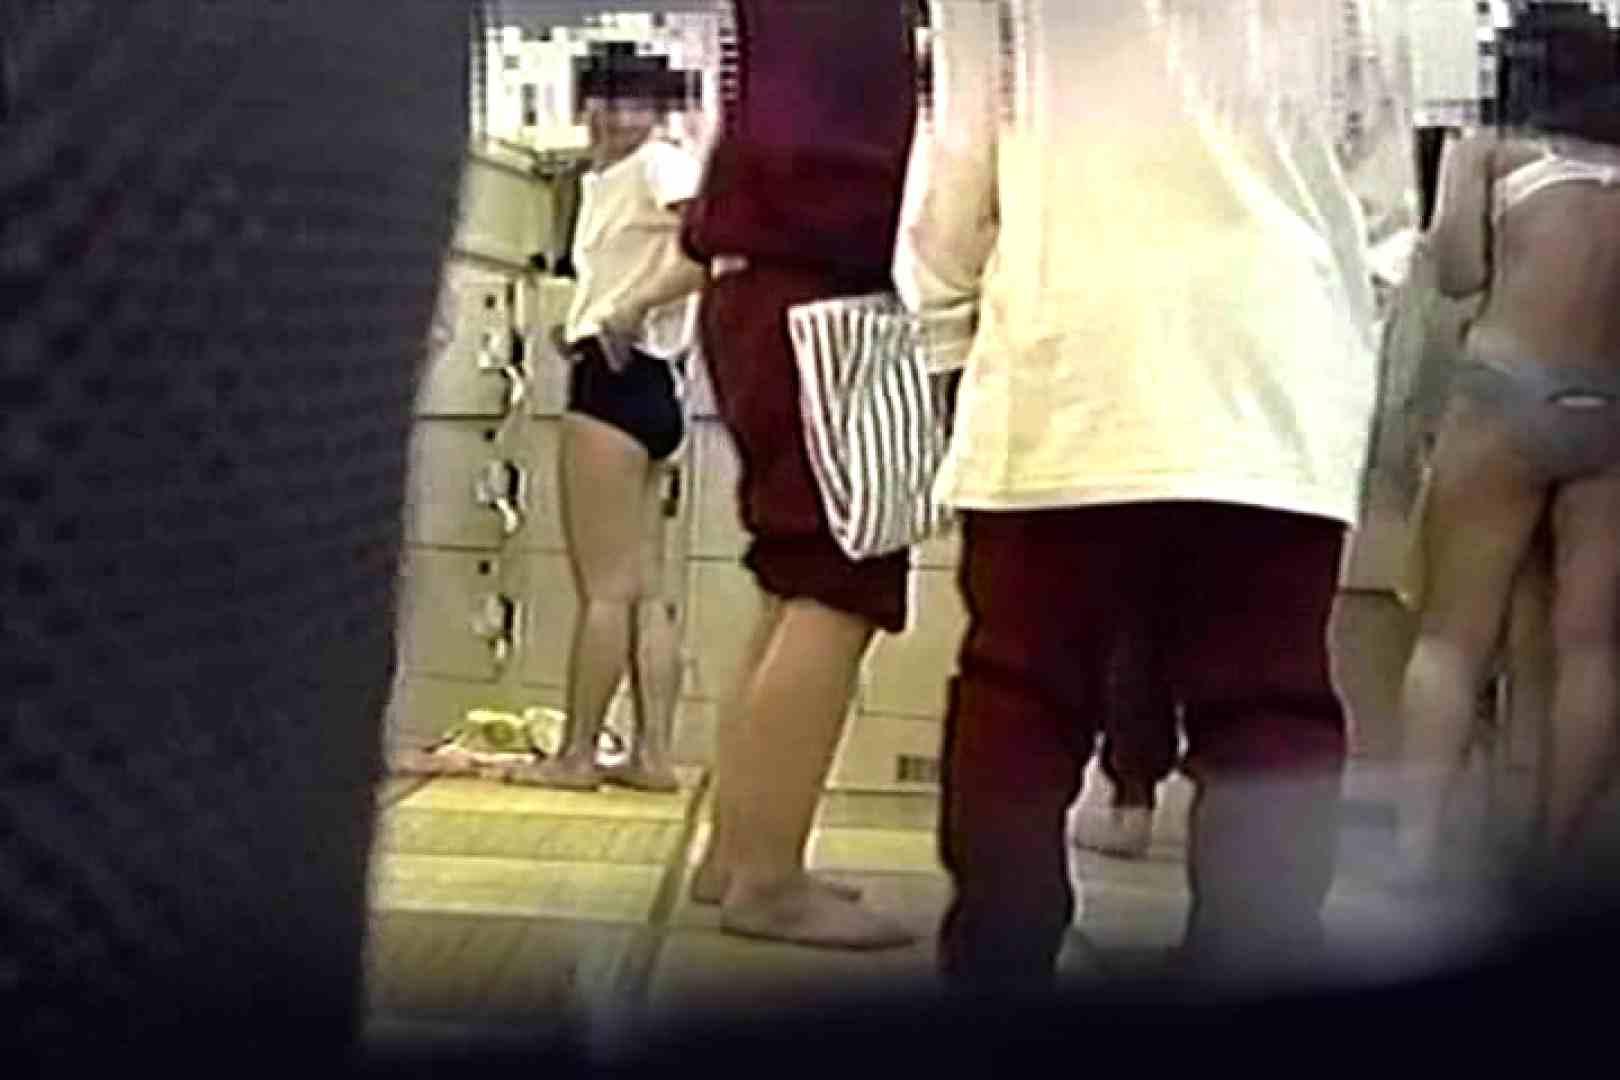 (9月21日配信停止)超・痴覚の眼 修学旅行TNK-09 着替え 隠し撮りAV無料 107画像 63